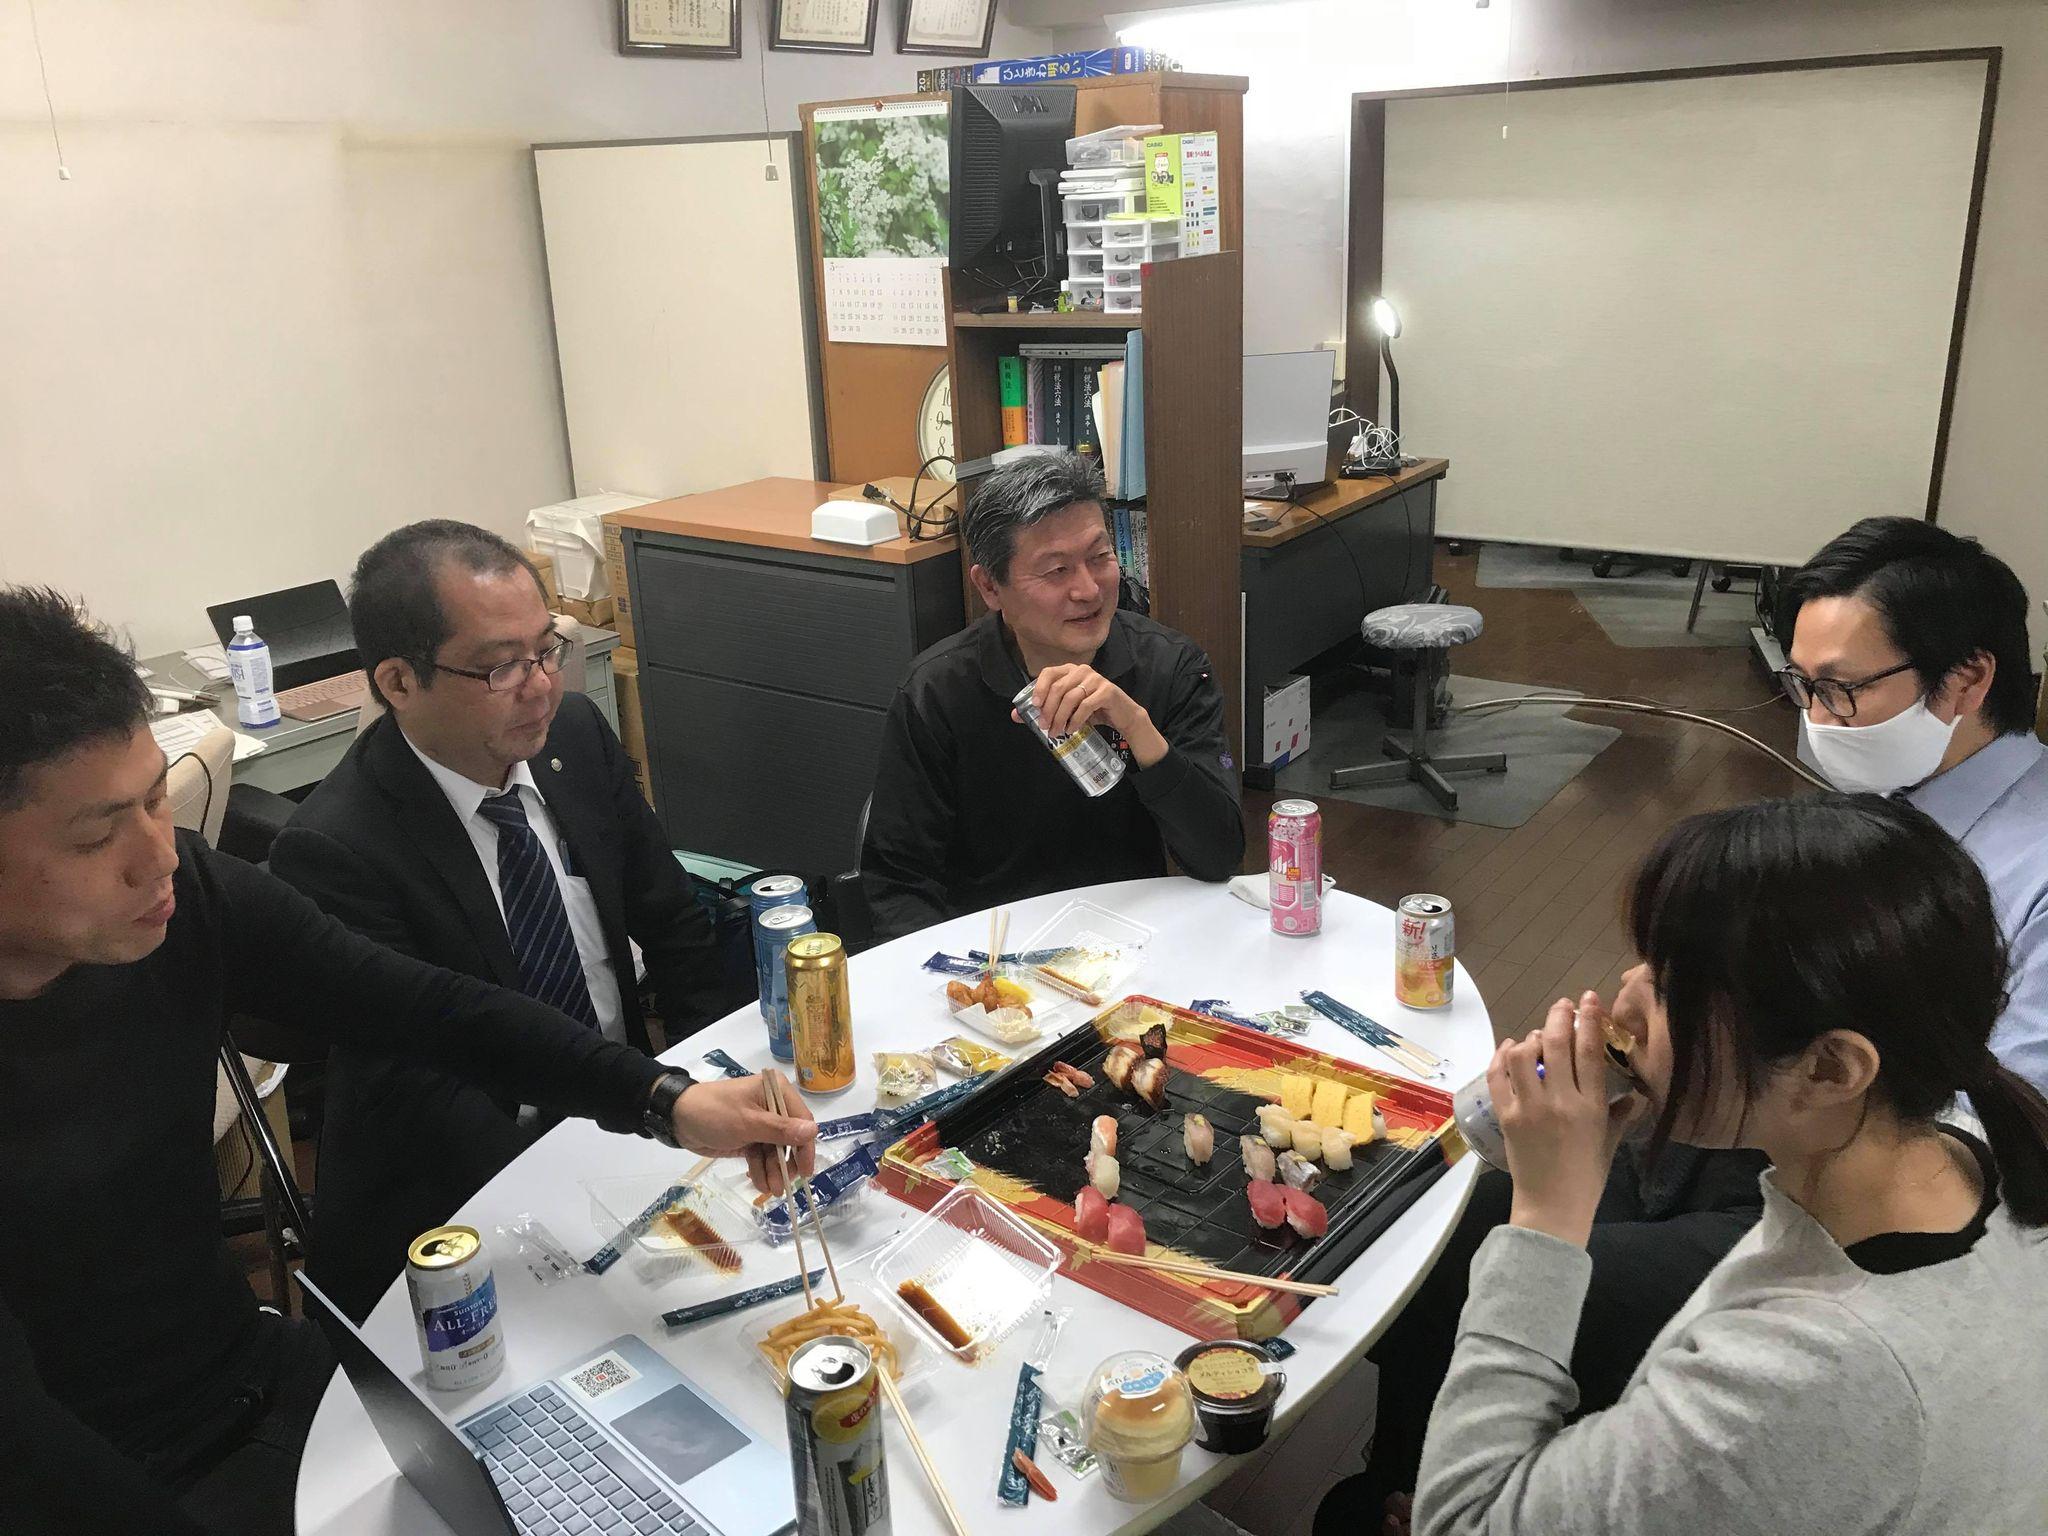 3月15日(月) 19:00~ 士業飲み会を開催しました